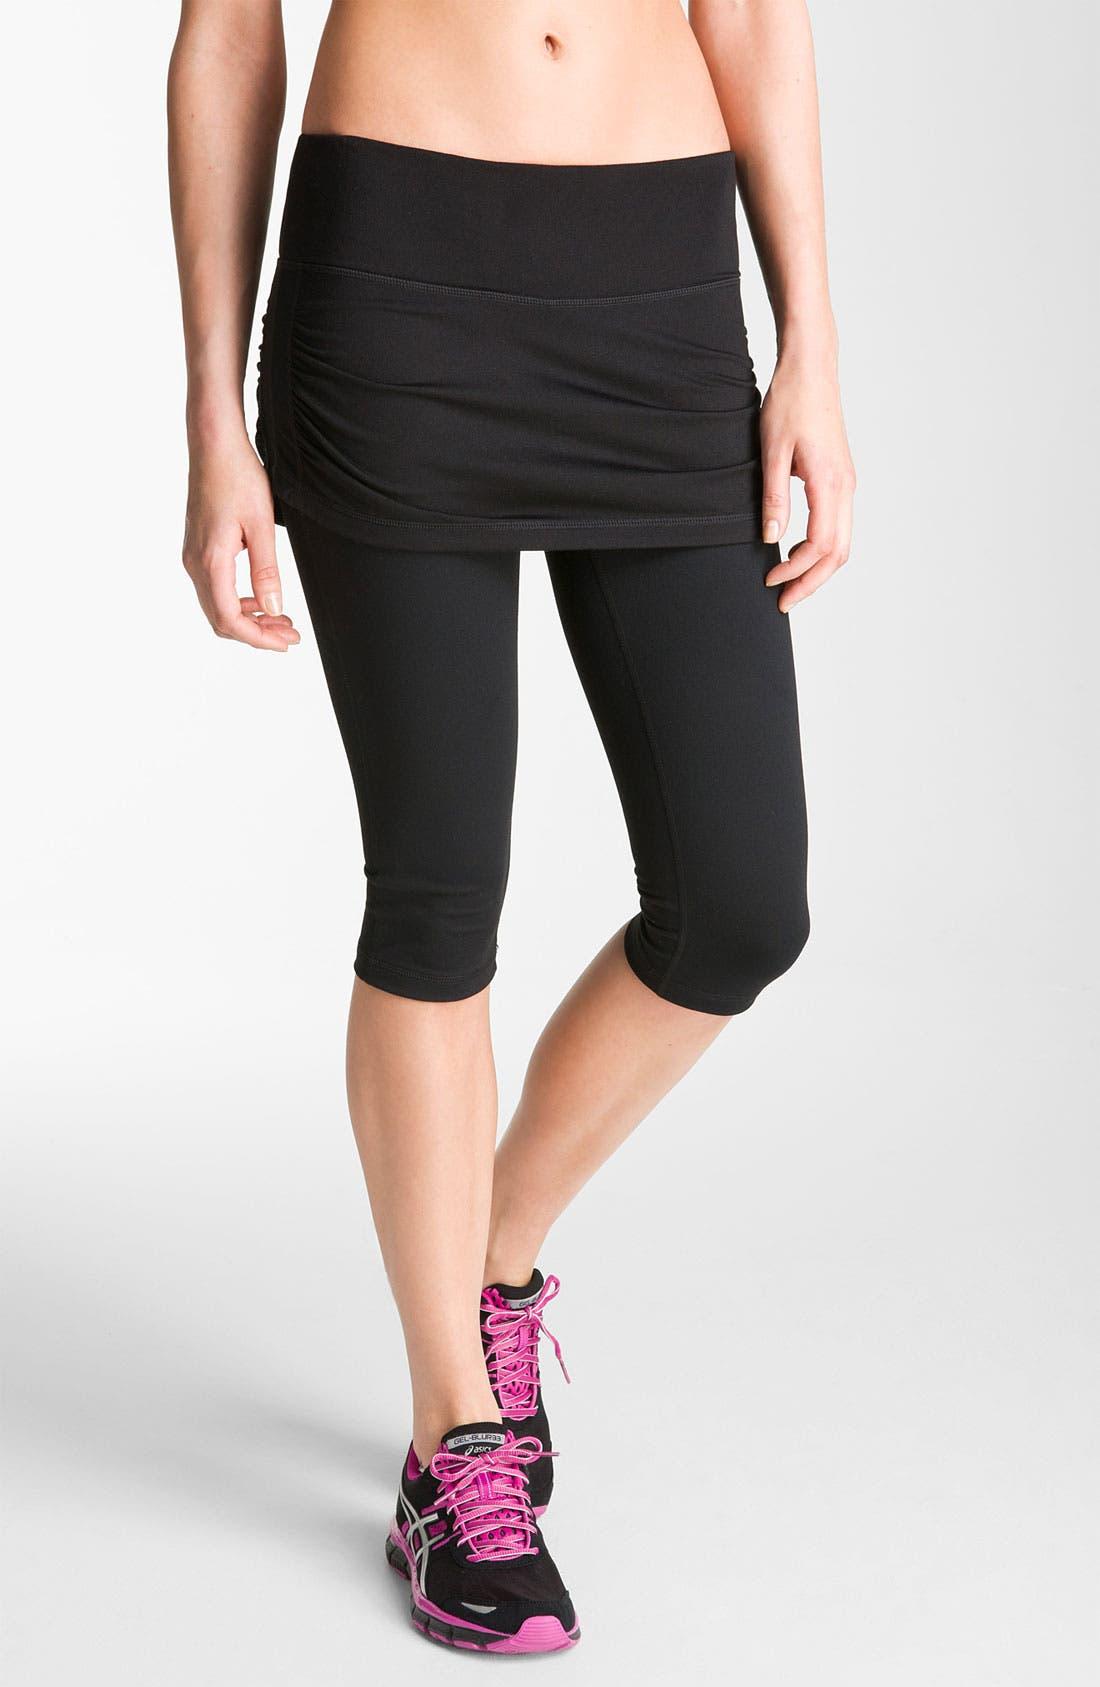 Main Image - Zella 'Work It' Skirted Shorts